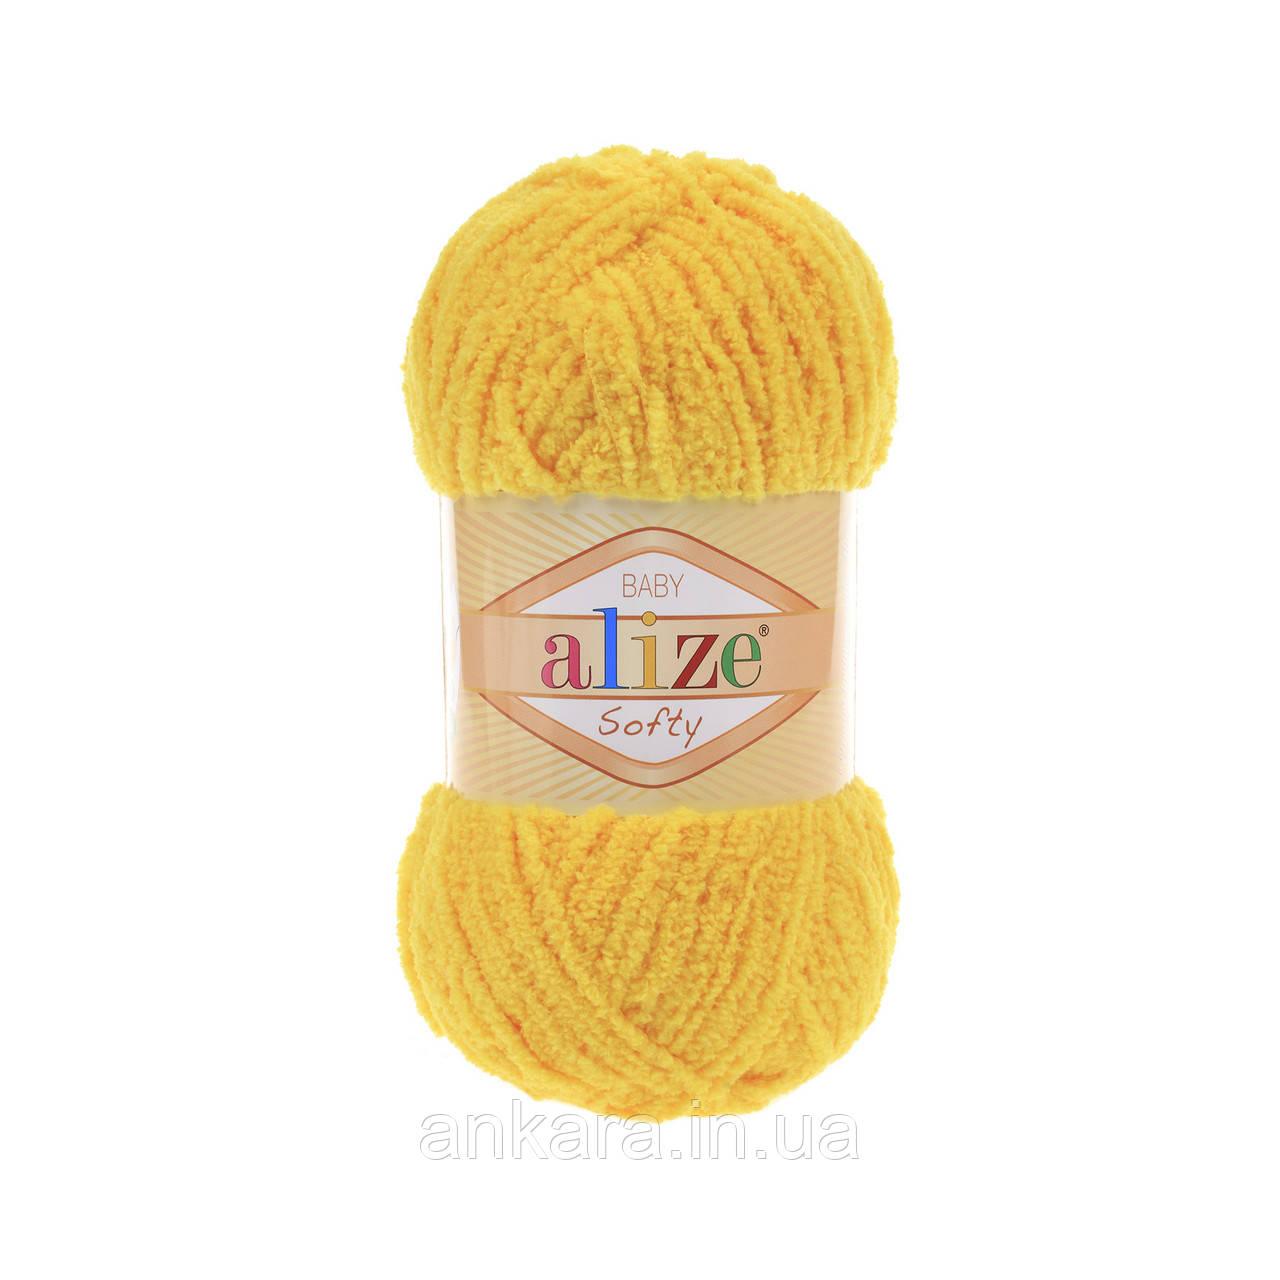 Пряжа Alize Softy 216